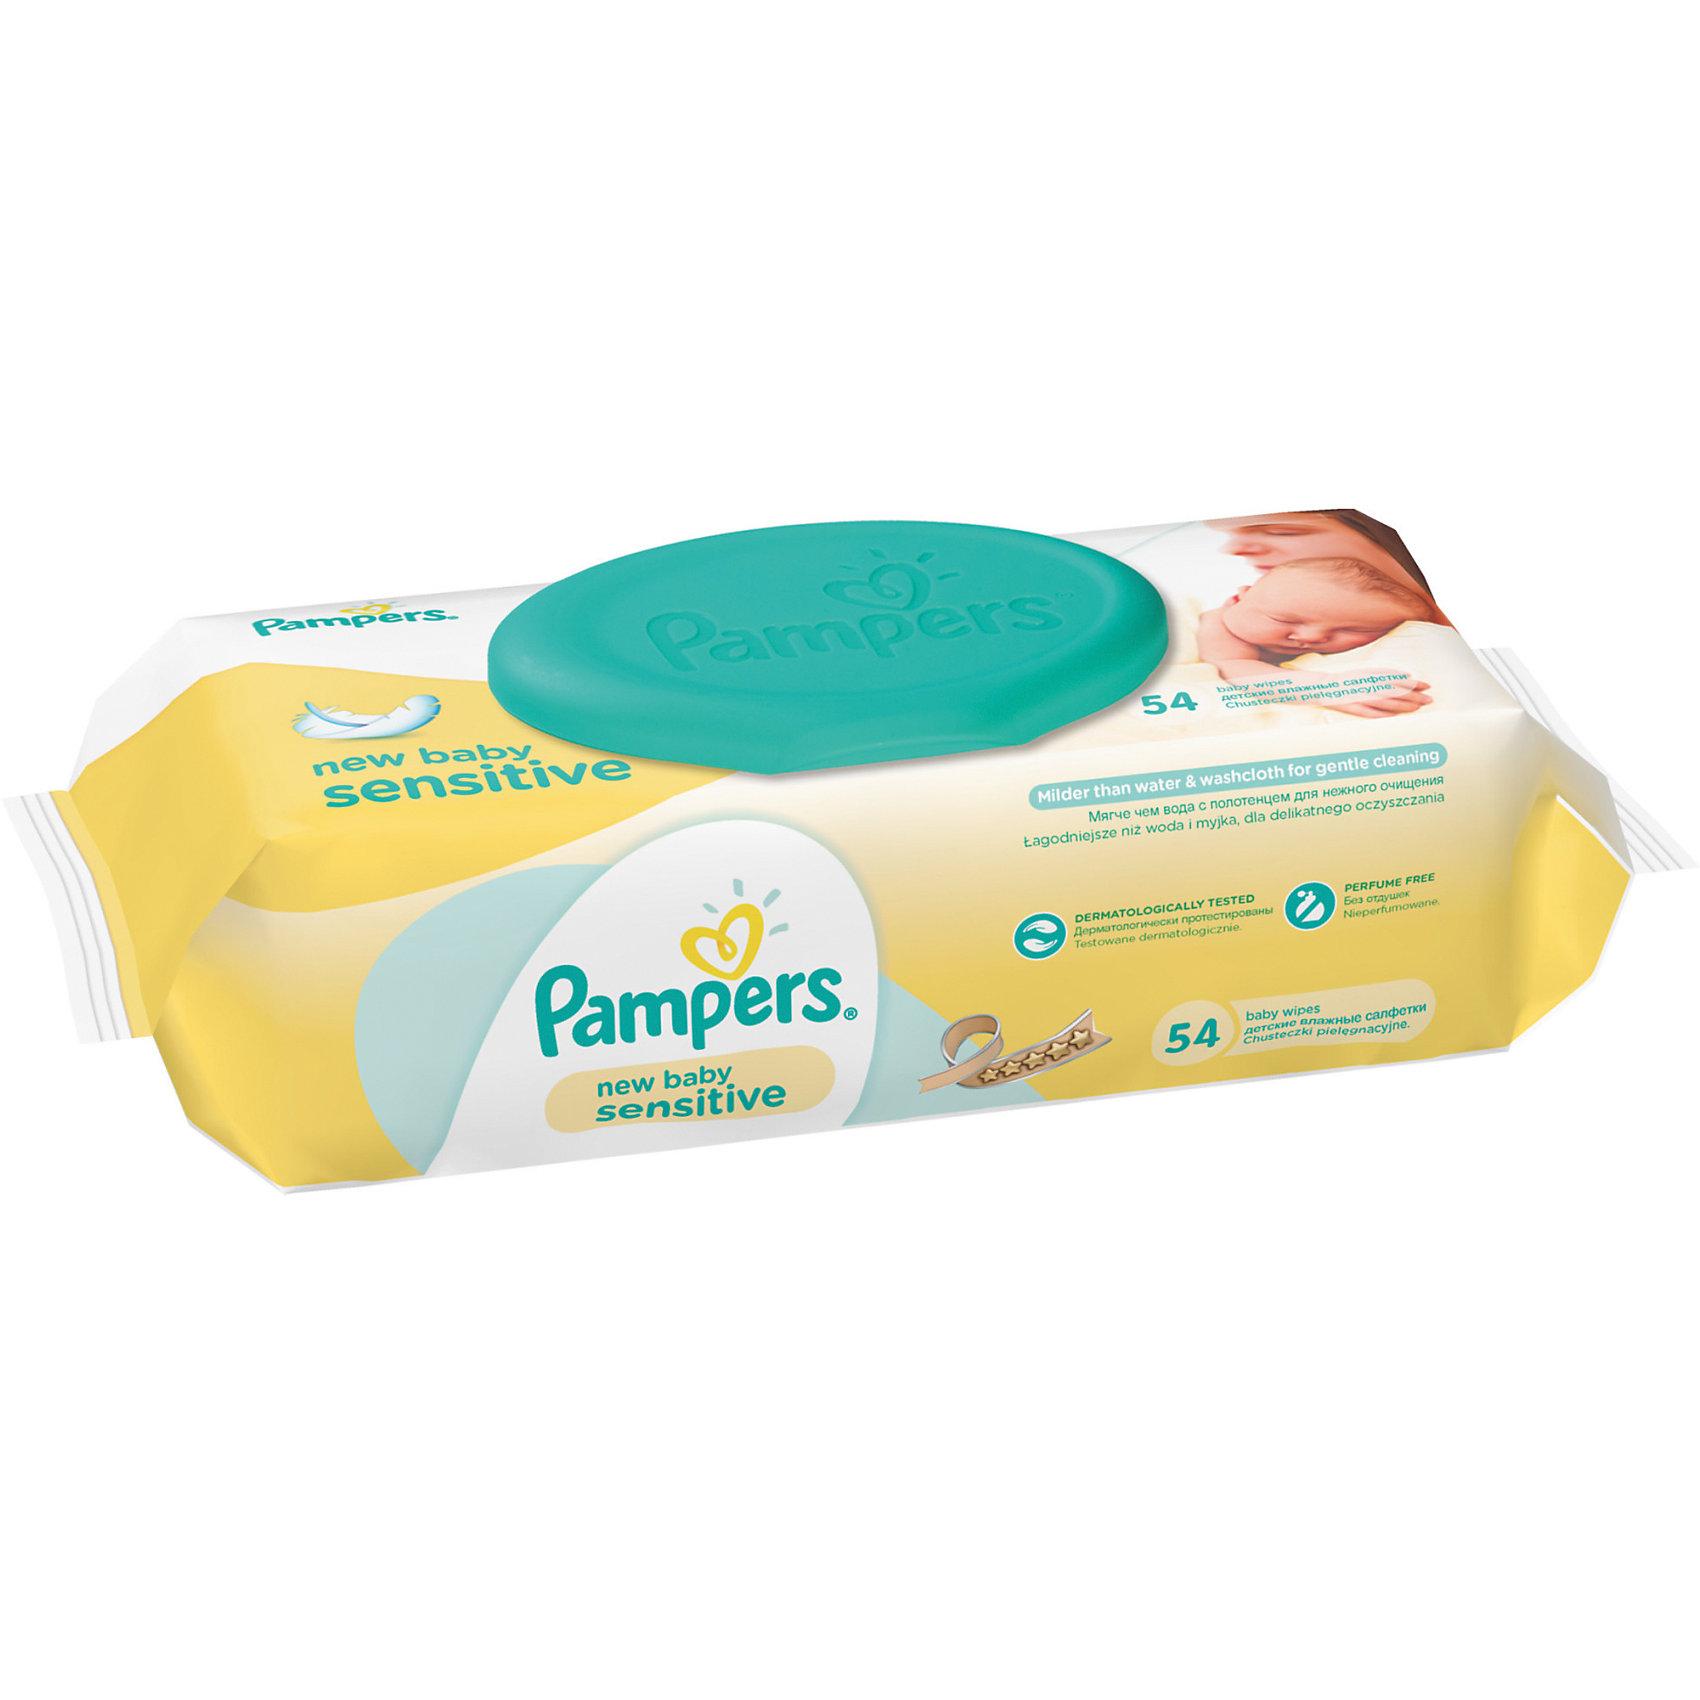 Салфетки детские влажные Pampers New Baby Sensitive, 54 шт., PampersВлажные салфетки<br>Характеристики:<br><br>• Пол: универсальный<br>• Тип салфеток: одноразовые<br>• Вид салфеток: влажные<br>• Коллекция: New Baby Sensitive<br>• Предназначение: для гигиены<br>• Количество в упаковке: 54 шт.<br>• Материал салфеток: 100% целлюлоза<br>• Состав лосьона: 95% вода, 5% экстракт натуральных масел<br>• Упаковка: полиэтиленовая упаковка с пластиковым клапаном многоразового использования<br>• Размер упаковки: 18,2*9*6,6 см<br>• Вес в упаковке: 531 г<br>• Поддерживает естественный ph уровень<br>• Мягкий верхний слой SoftGrip<br>• Не содержат отдушек и спирта<br>• Прошли дерматологические тестирования<br><br>Салфетки детские влажные Pampers New Baby Sensitive, 54 шт., Pampers – это линейка детских гигиенических салфеток от Pampers, предназначенных для ухода за нежной кожей новорожденного. Салфетки выполнены из 100% целлюлозы, имеют мягкий верхний слой SoftGrip, который не раздражает кожу ребенка во время процедур, при этом хорошо удерживает влагу. <br><br>Изделия пропитаны лосьоном, состоящим из 95% воды и 5% экстракта натуральных масел, что делает эти салфетки гипоаллергенными. Благодаря своему составу салфетки можно использовать для чувствительной кожи. Салфетки упакованы в полиэтиленовую упаковку и пластиковым защитным клапаном, что обеспечивает длительное сохранение их очищающих свойств и защищает от высыхания.<br><br>Салфетки детские влажные Pampers New Baby Sensitive, 54 шт., Pampers можно купить в нашем интернет-магазине.<br><br>Ширина мм: 182<br>Глубина мм: 90<br>Высота мм: 66<br>Вес г: 531<br>Возраст от месяцев: 0<br>Возраст до месяцев: 36<br>Пол: Унисекс<br>Возраст: Детский<br>SKU: 5419091